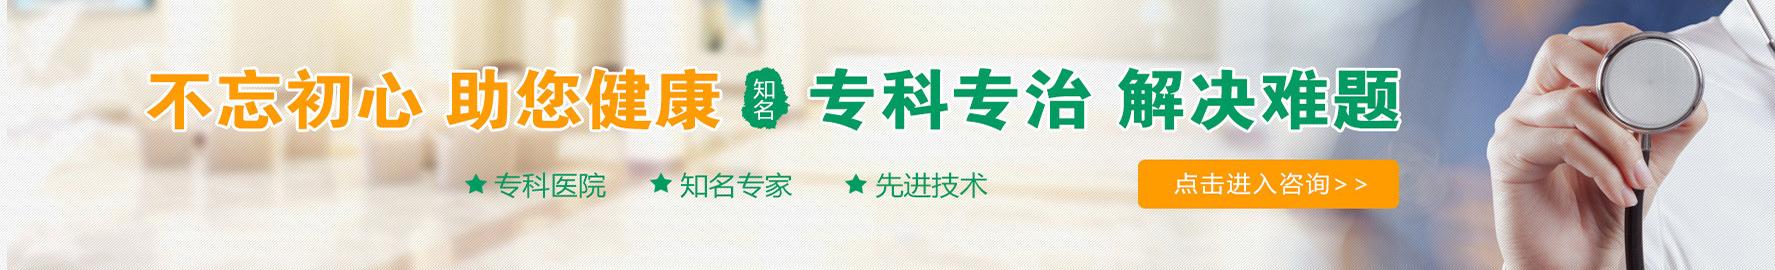 上海康复医院